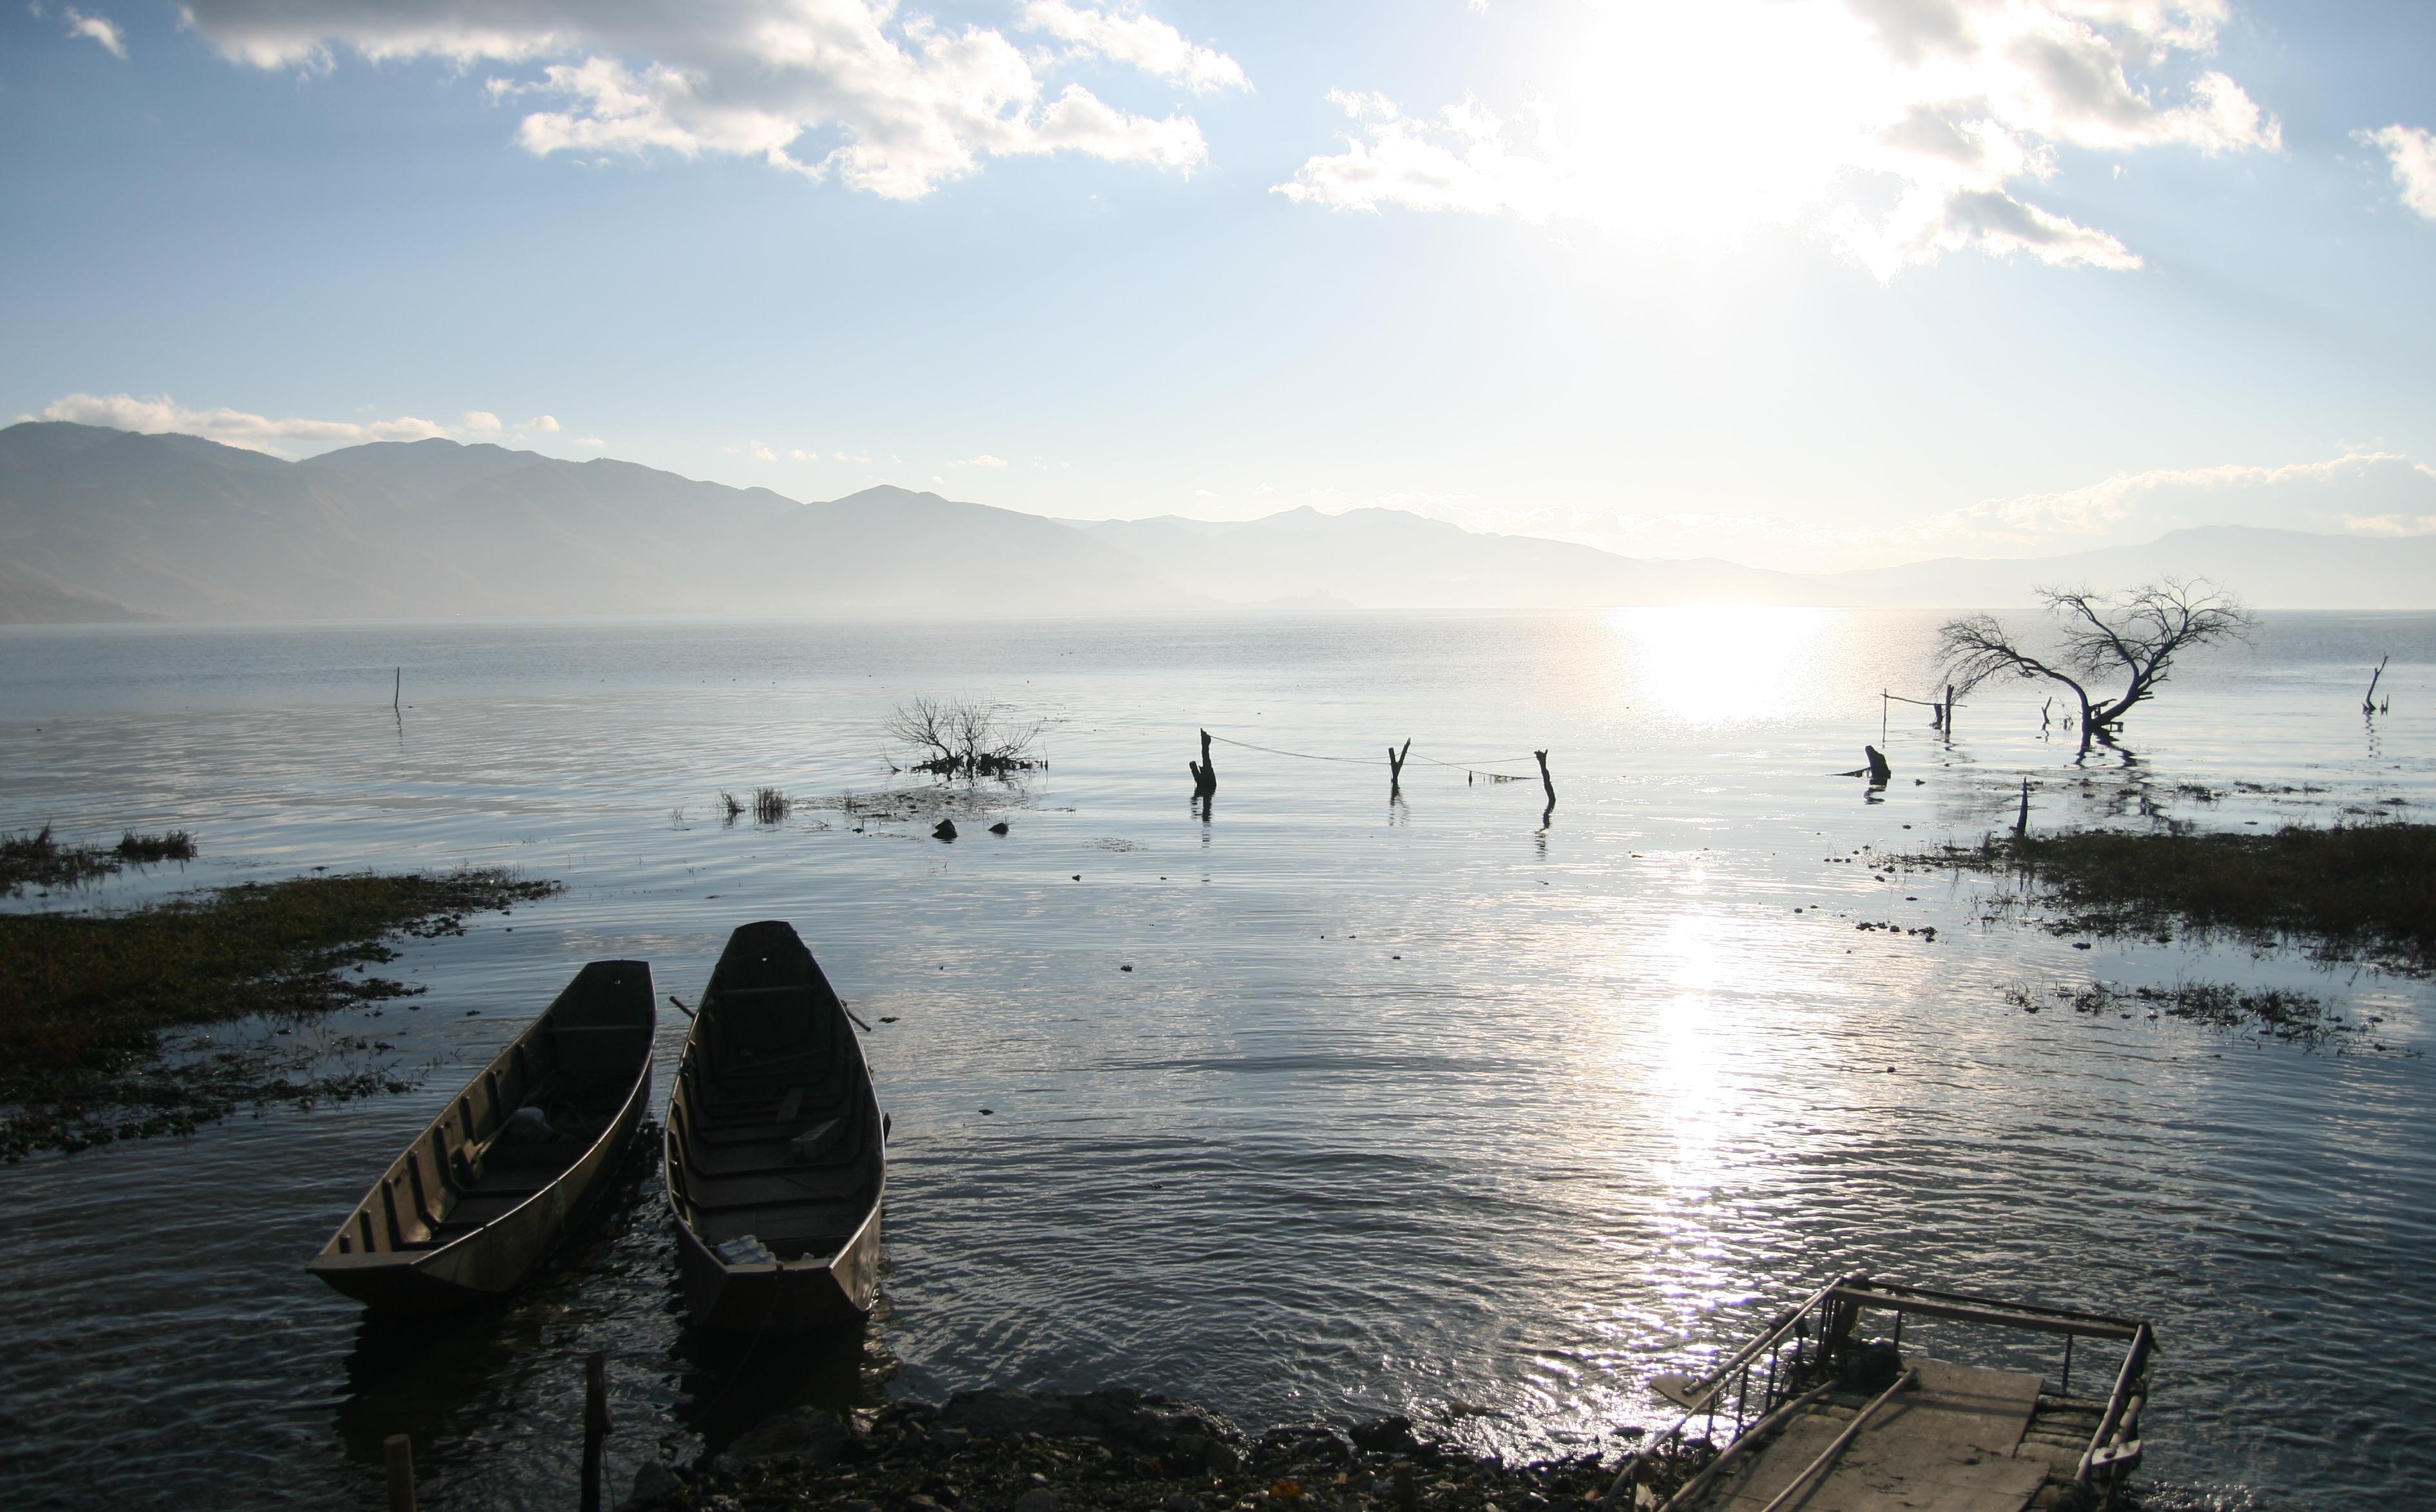 清晨的洱海烟雾缭绕,水清得把冬天的枯木倒映得清清